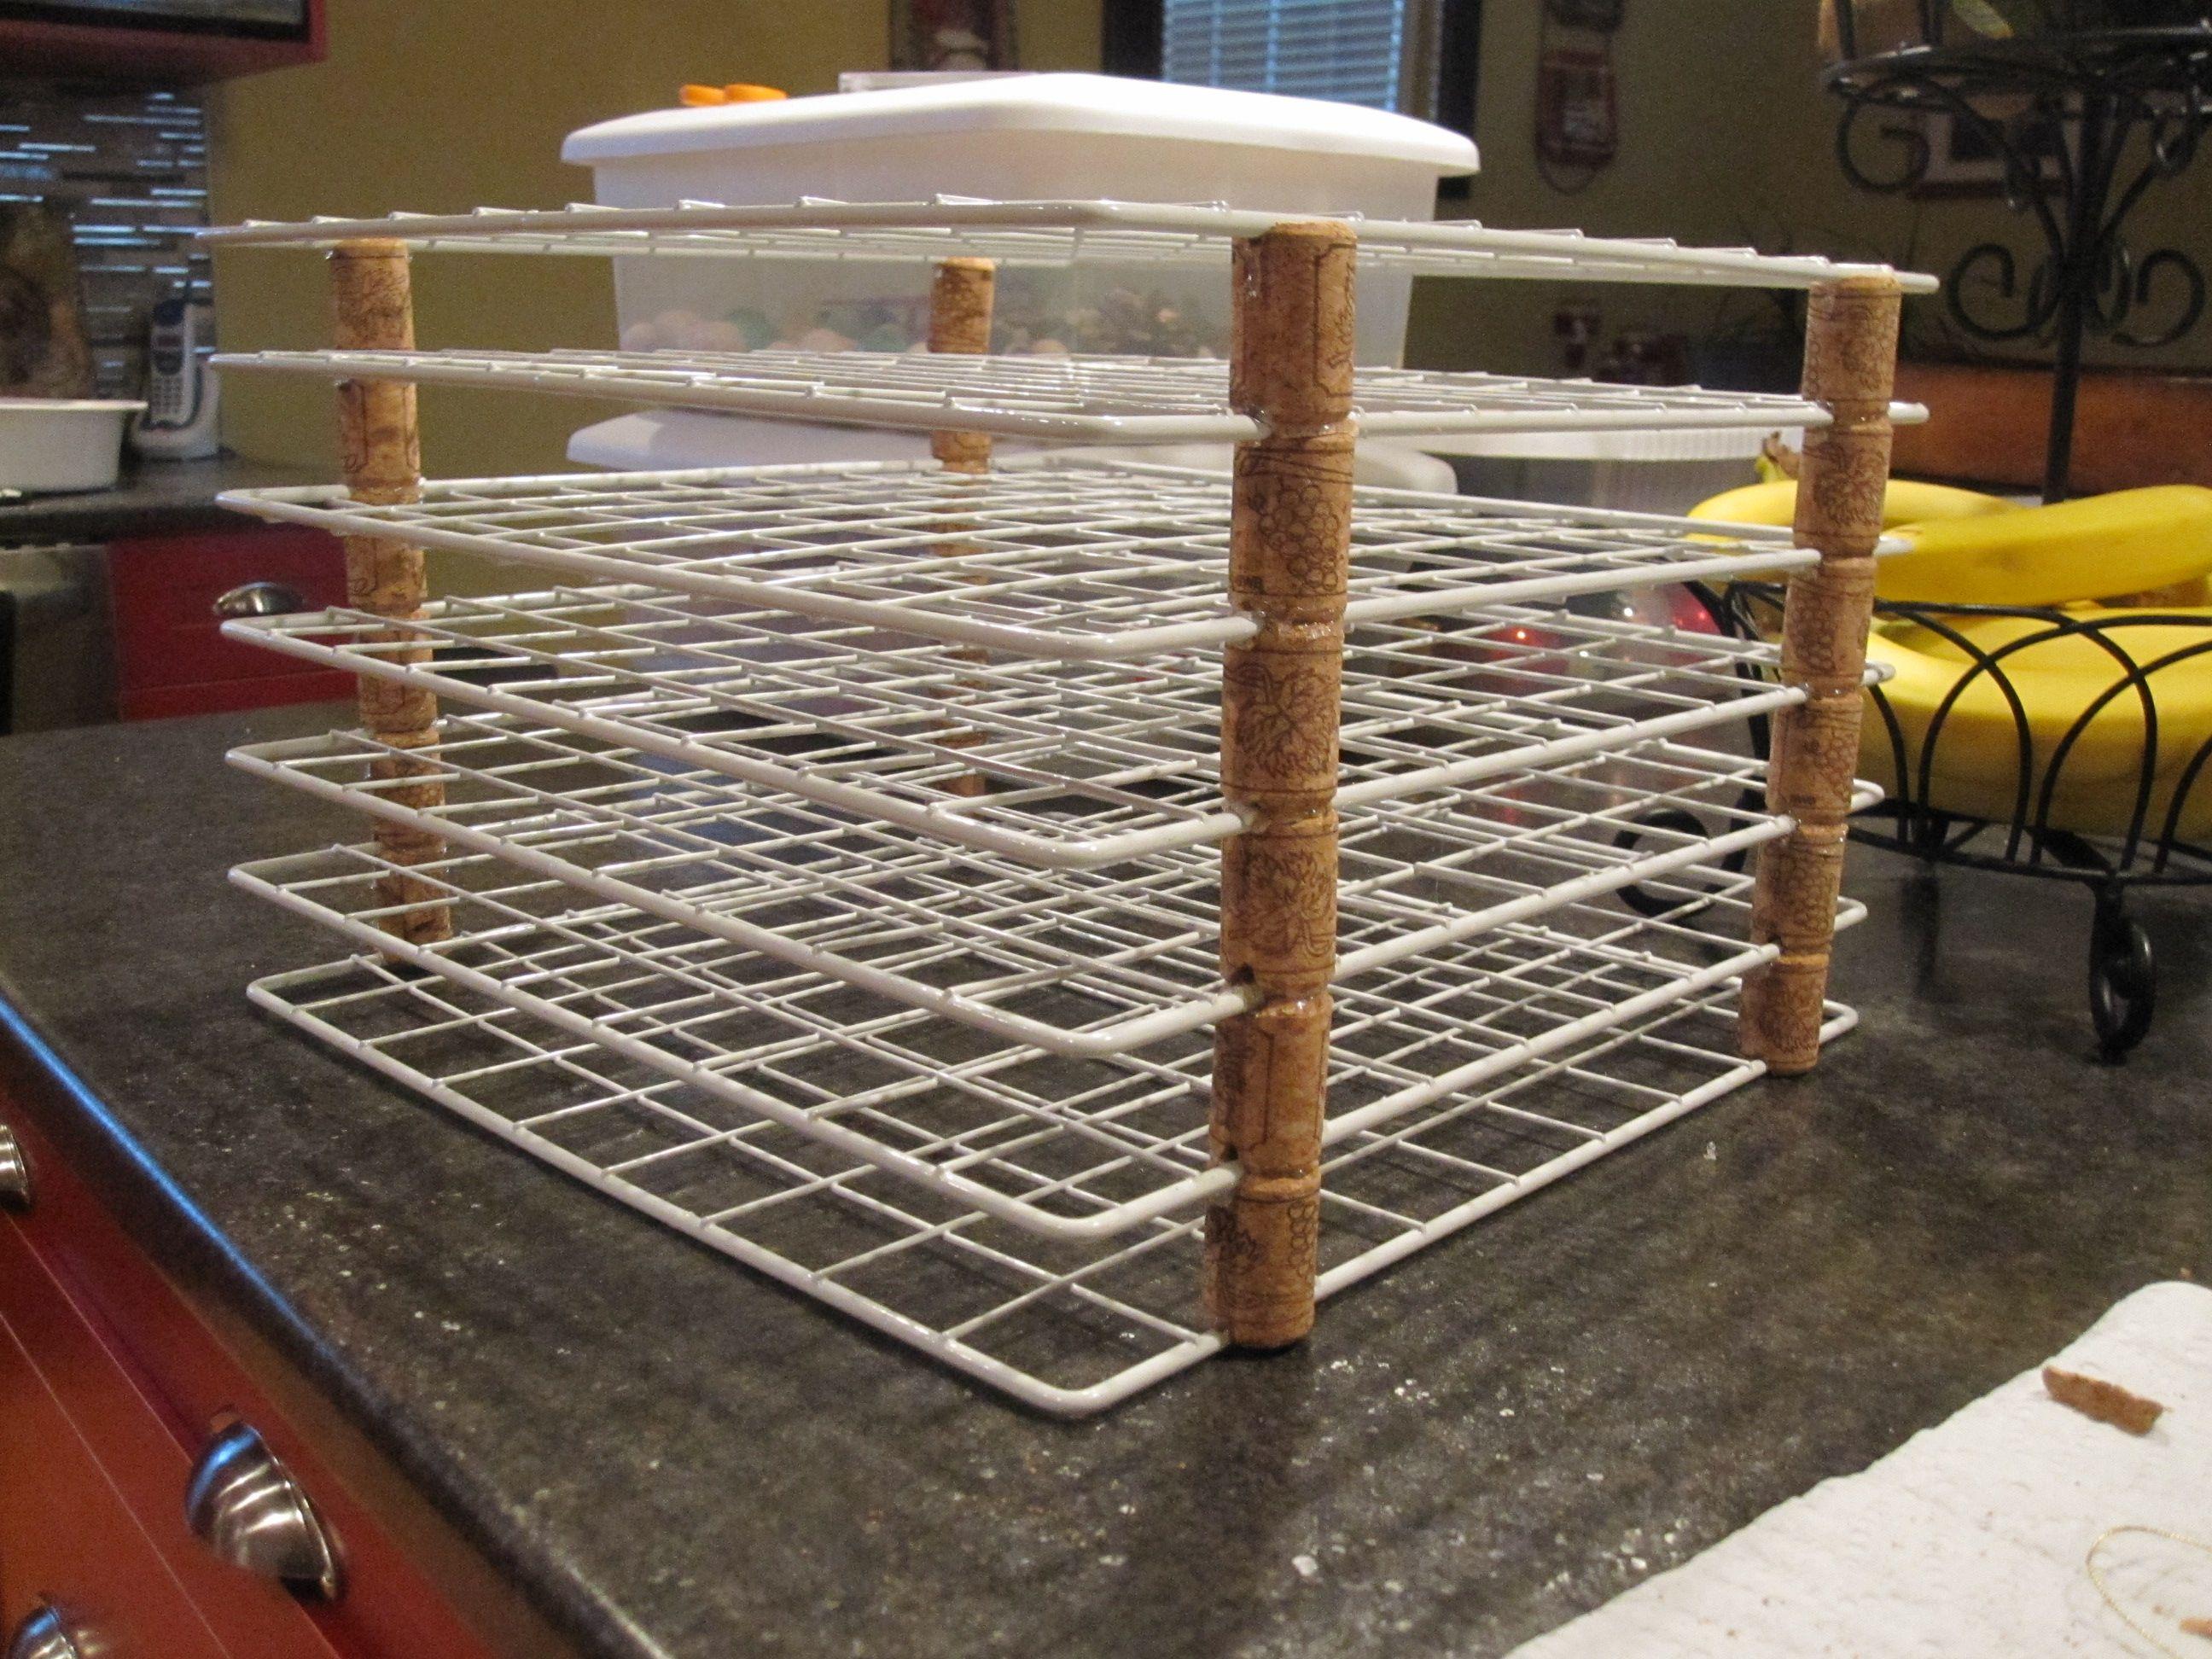 Homemade Drying Rack For Kids Artwork I Had Leftover Wire Racks